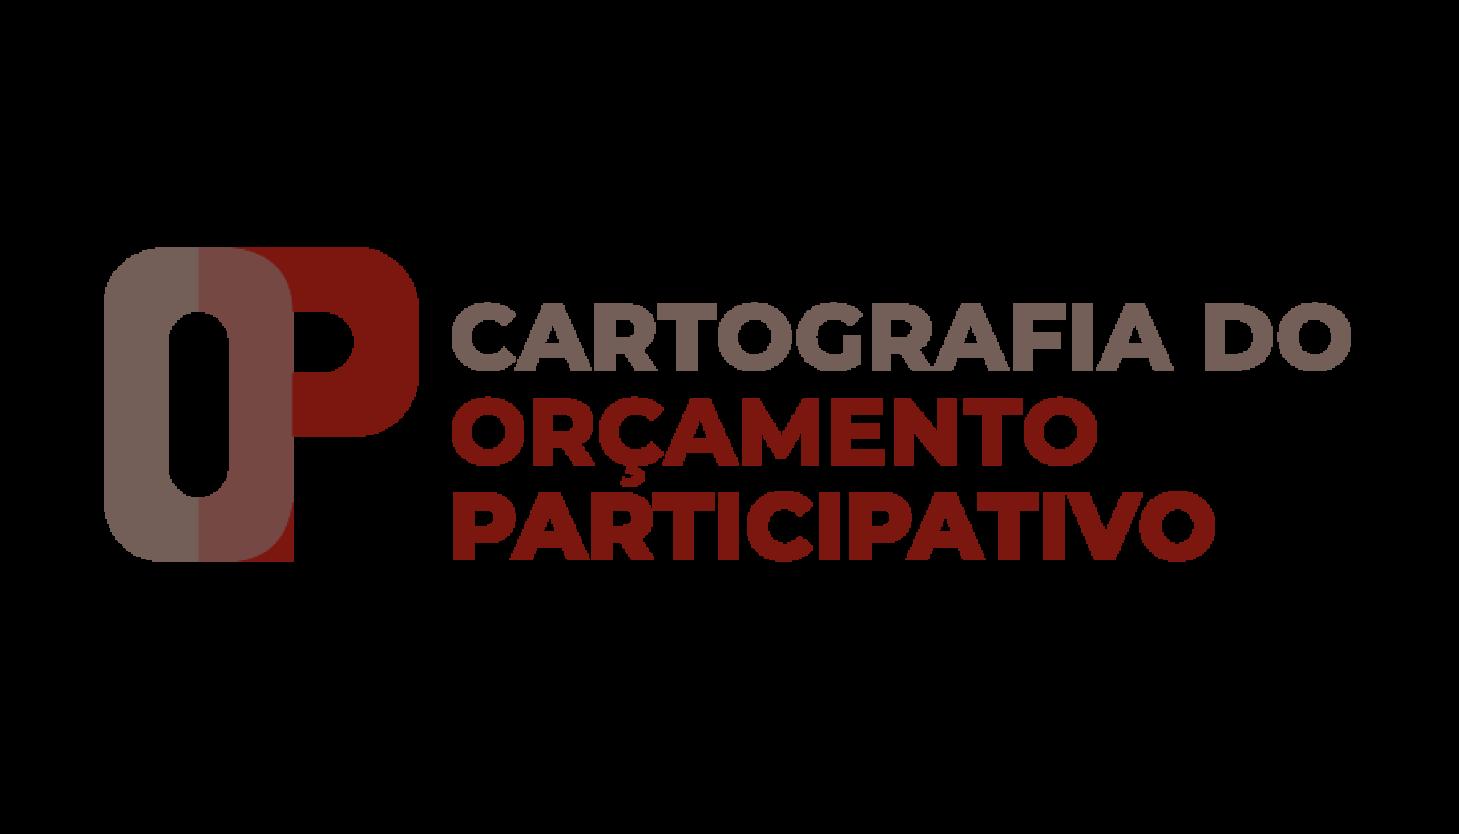 Cartografia do orçamento participativo